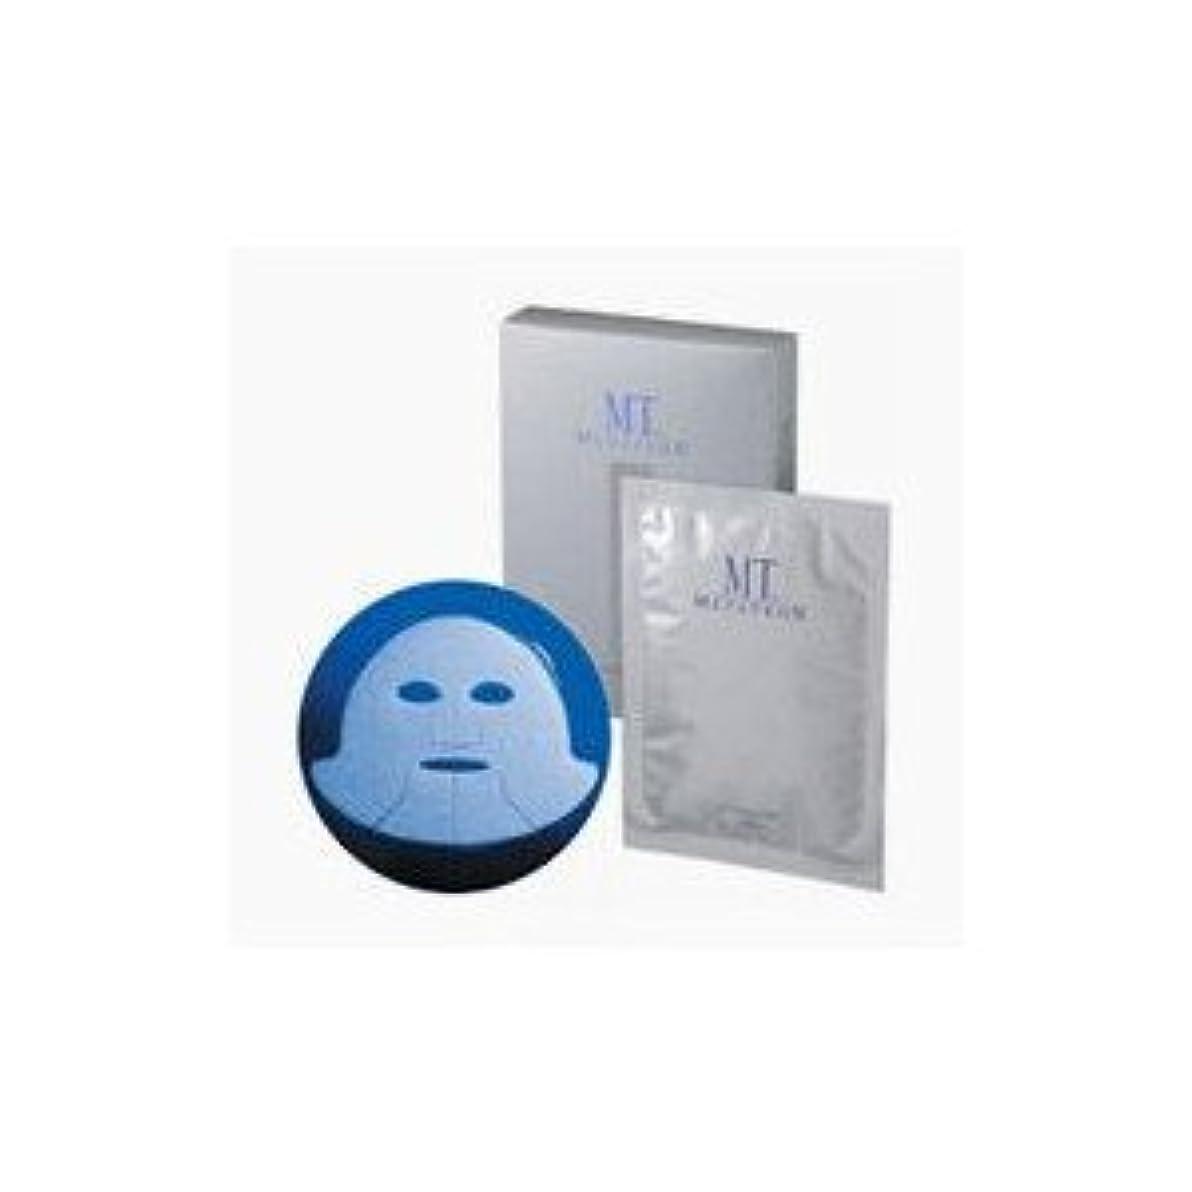 名門適切に効能あるMTメタトロン MT コントア マスク 6枚入り アウトレット